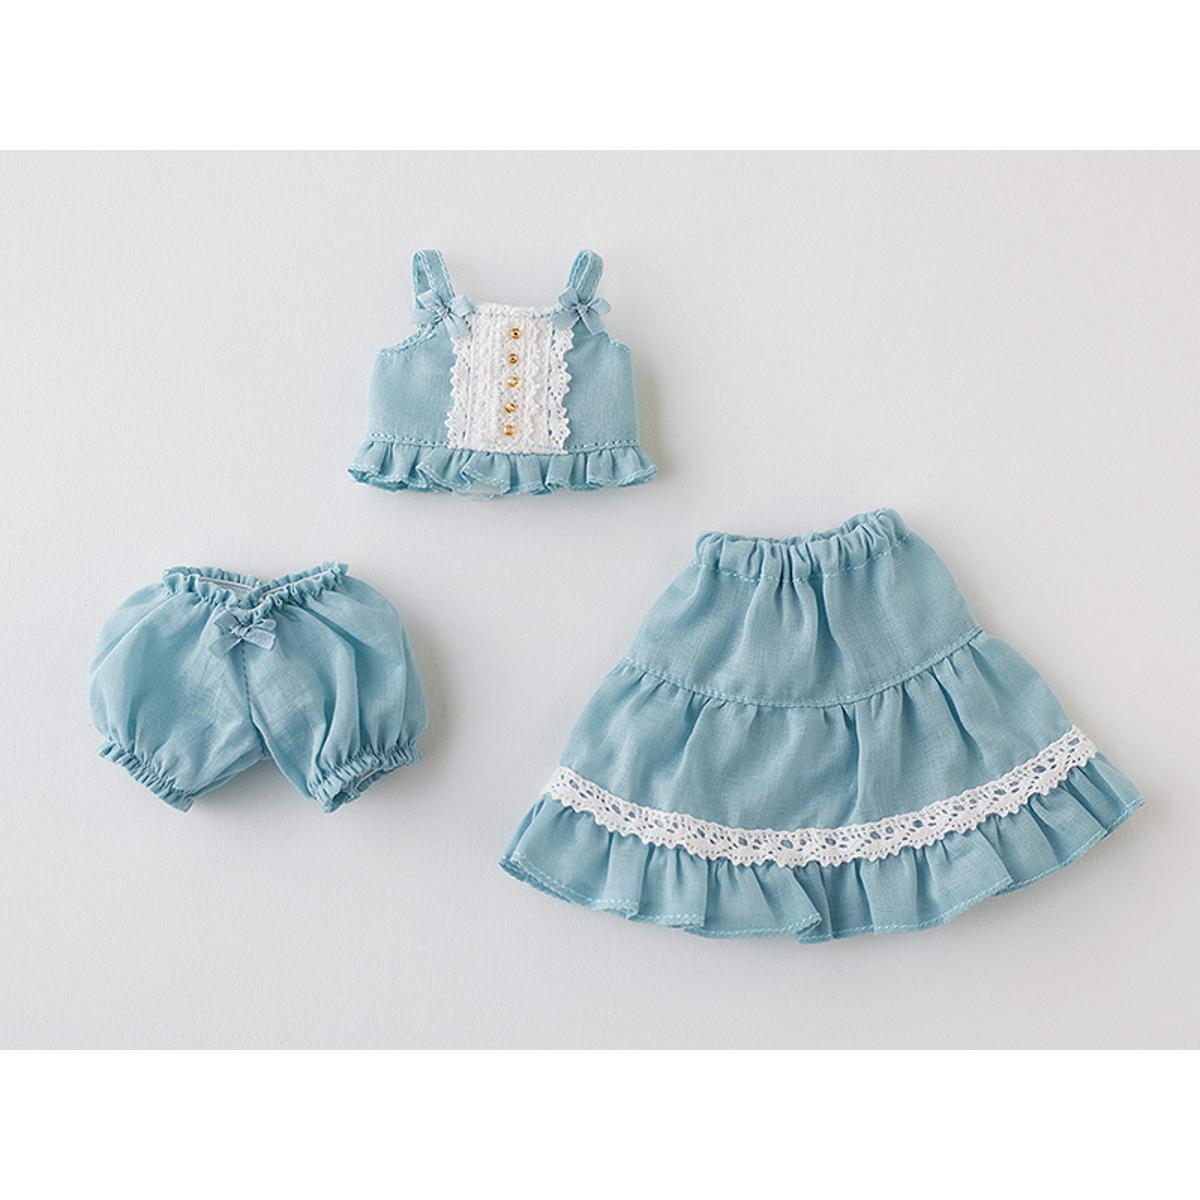 Harmonia bloom Roomwear: Blue